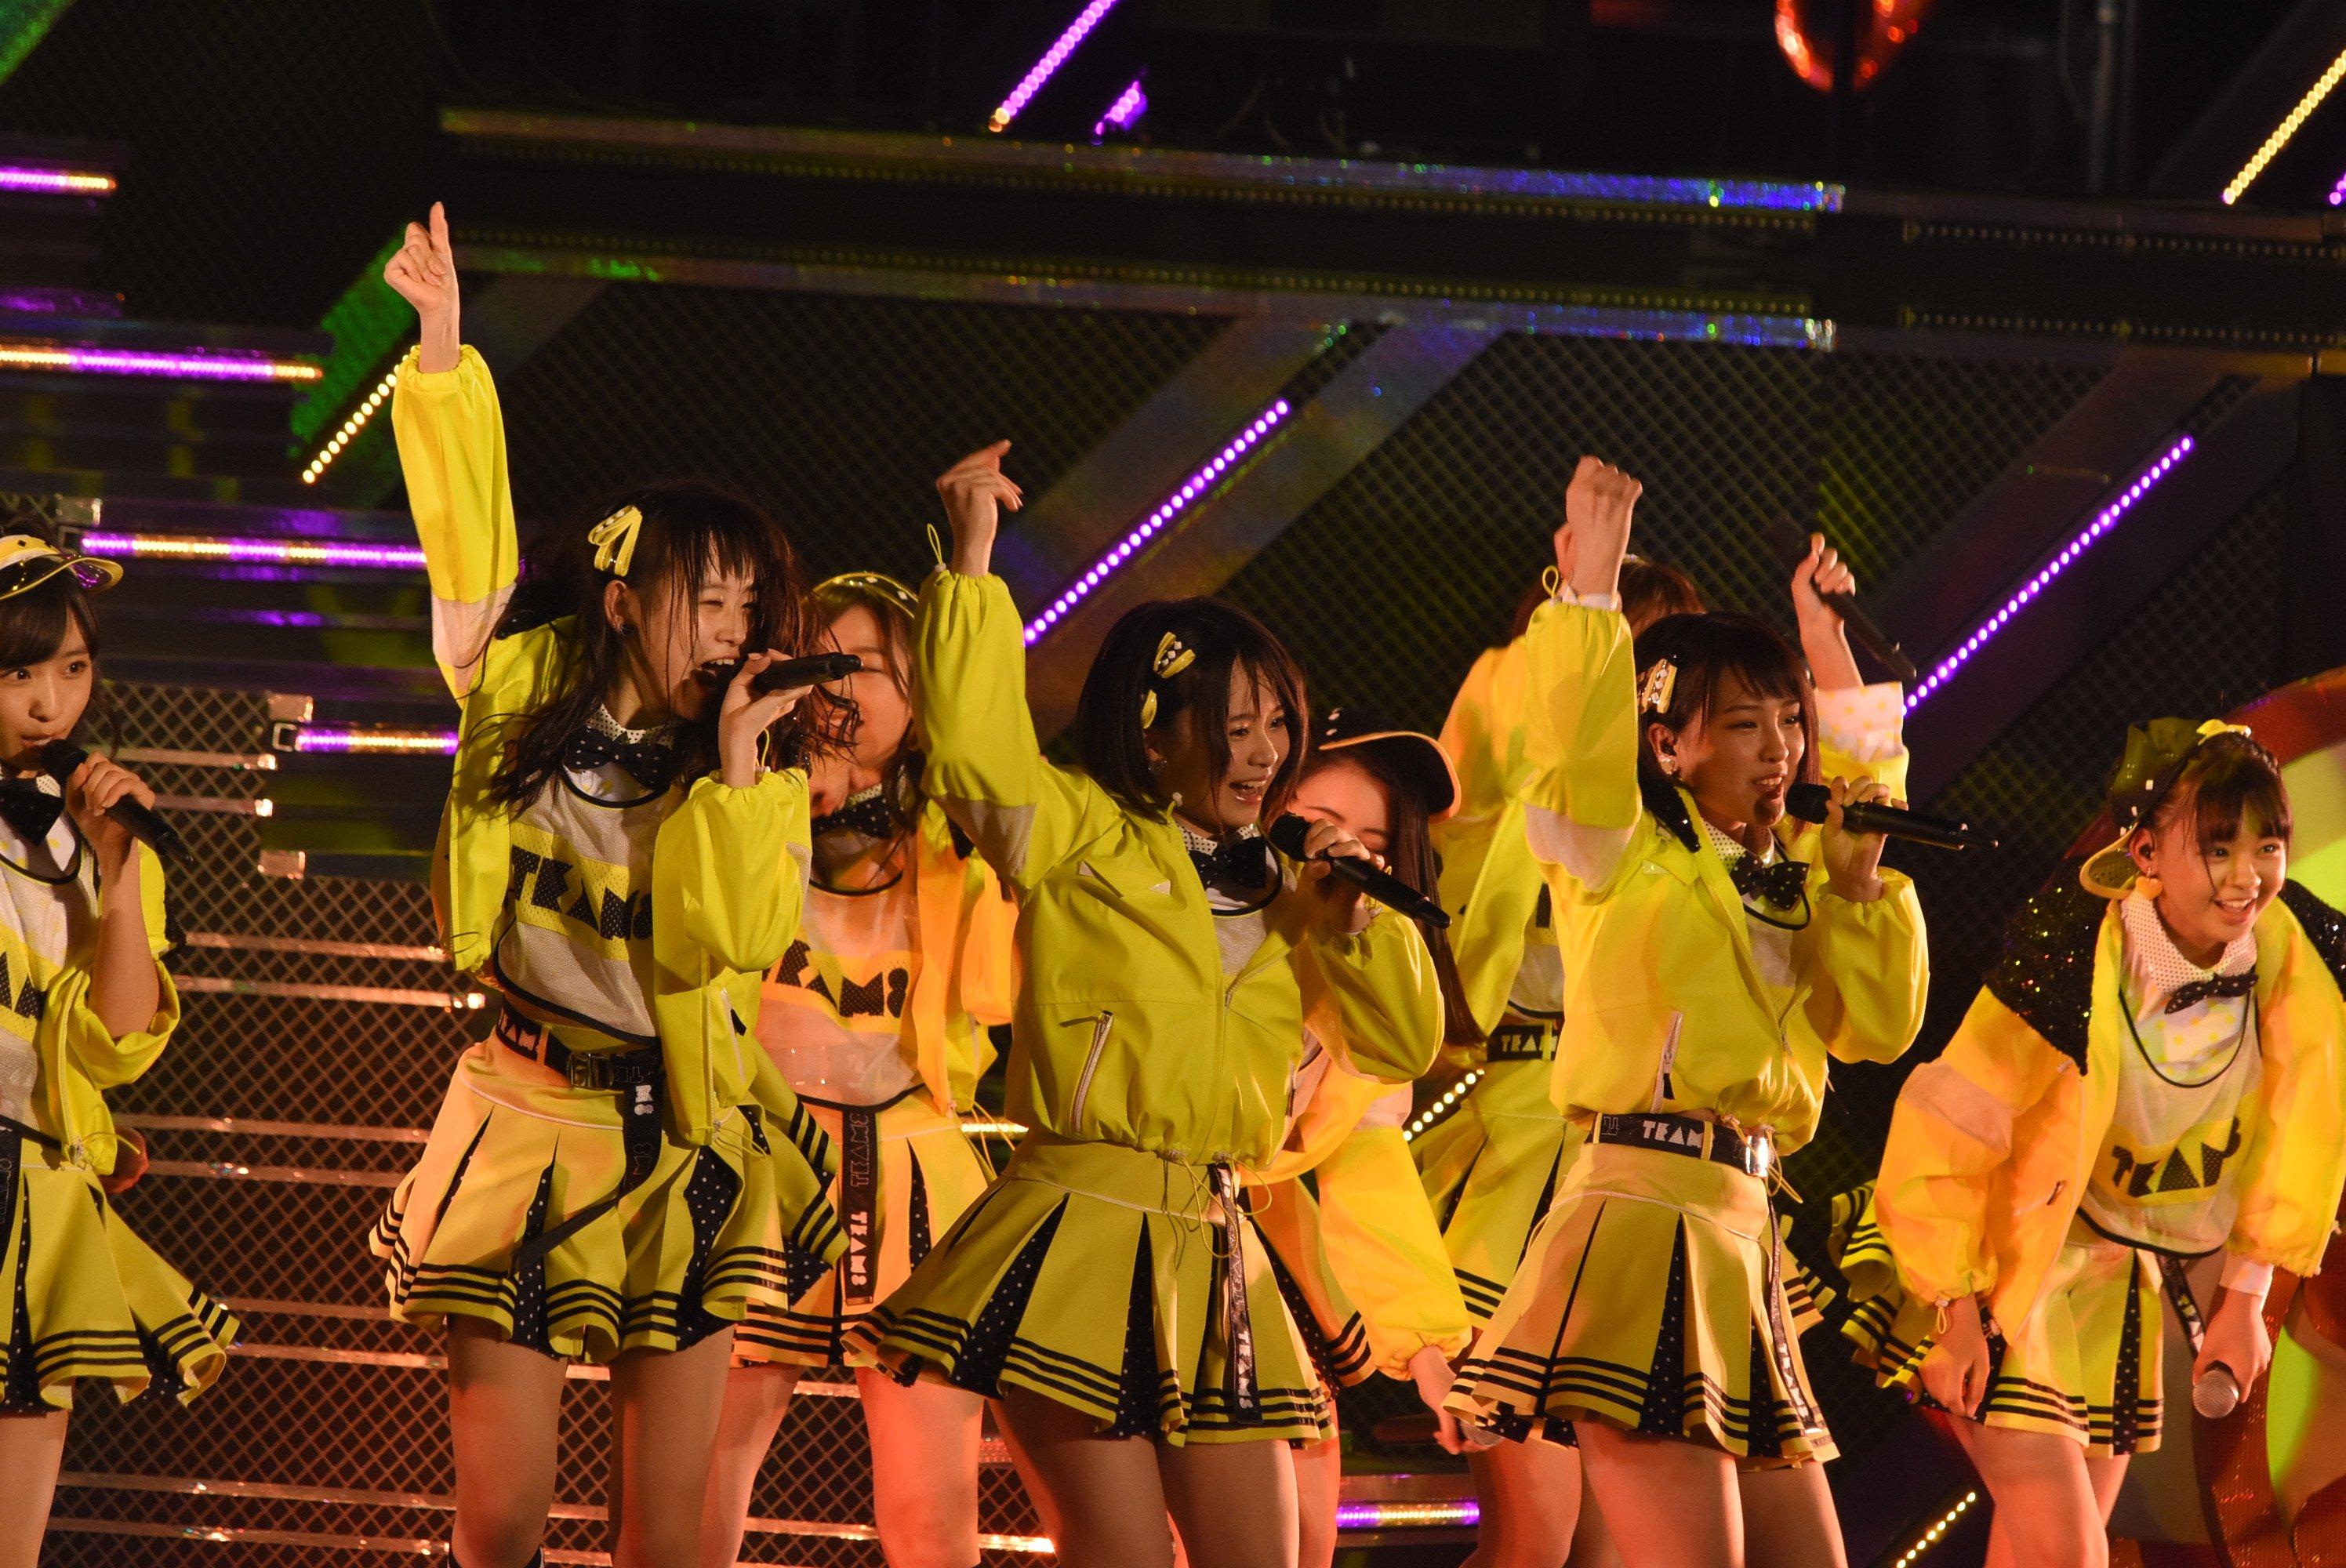 チーム8が新曲「蜂の巣ダンス」を披露!!センターは、な、なんと!!